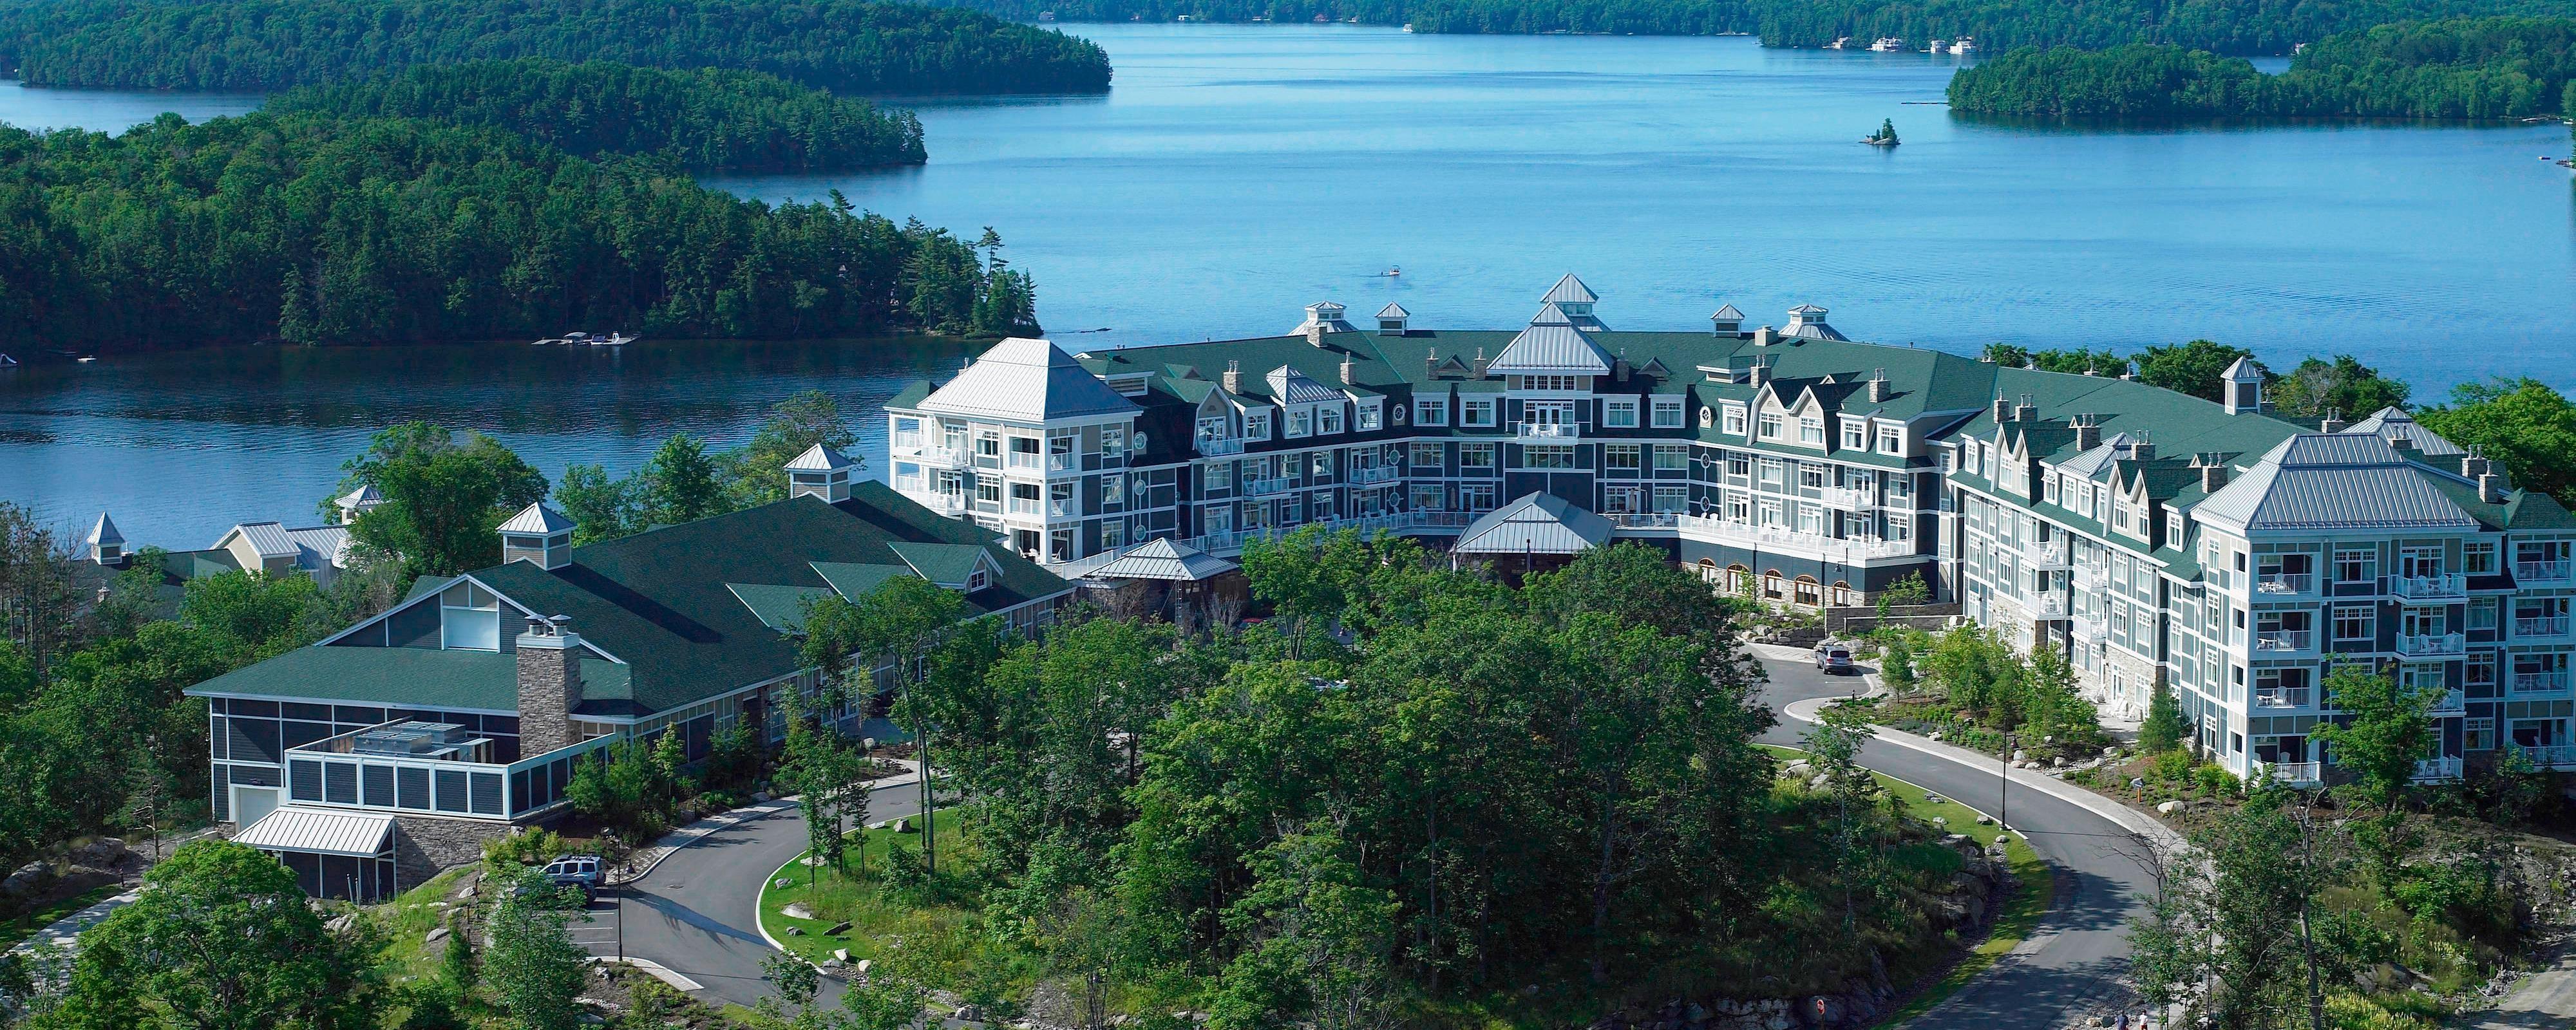 JW Marriott The Rosseau Muskoka Resort & Spa